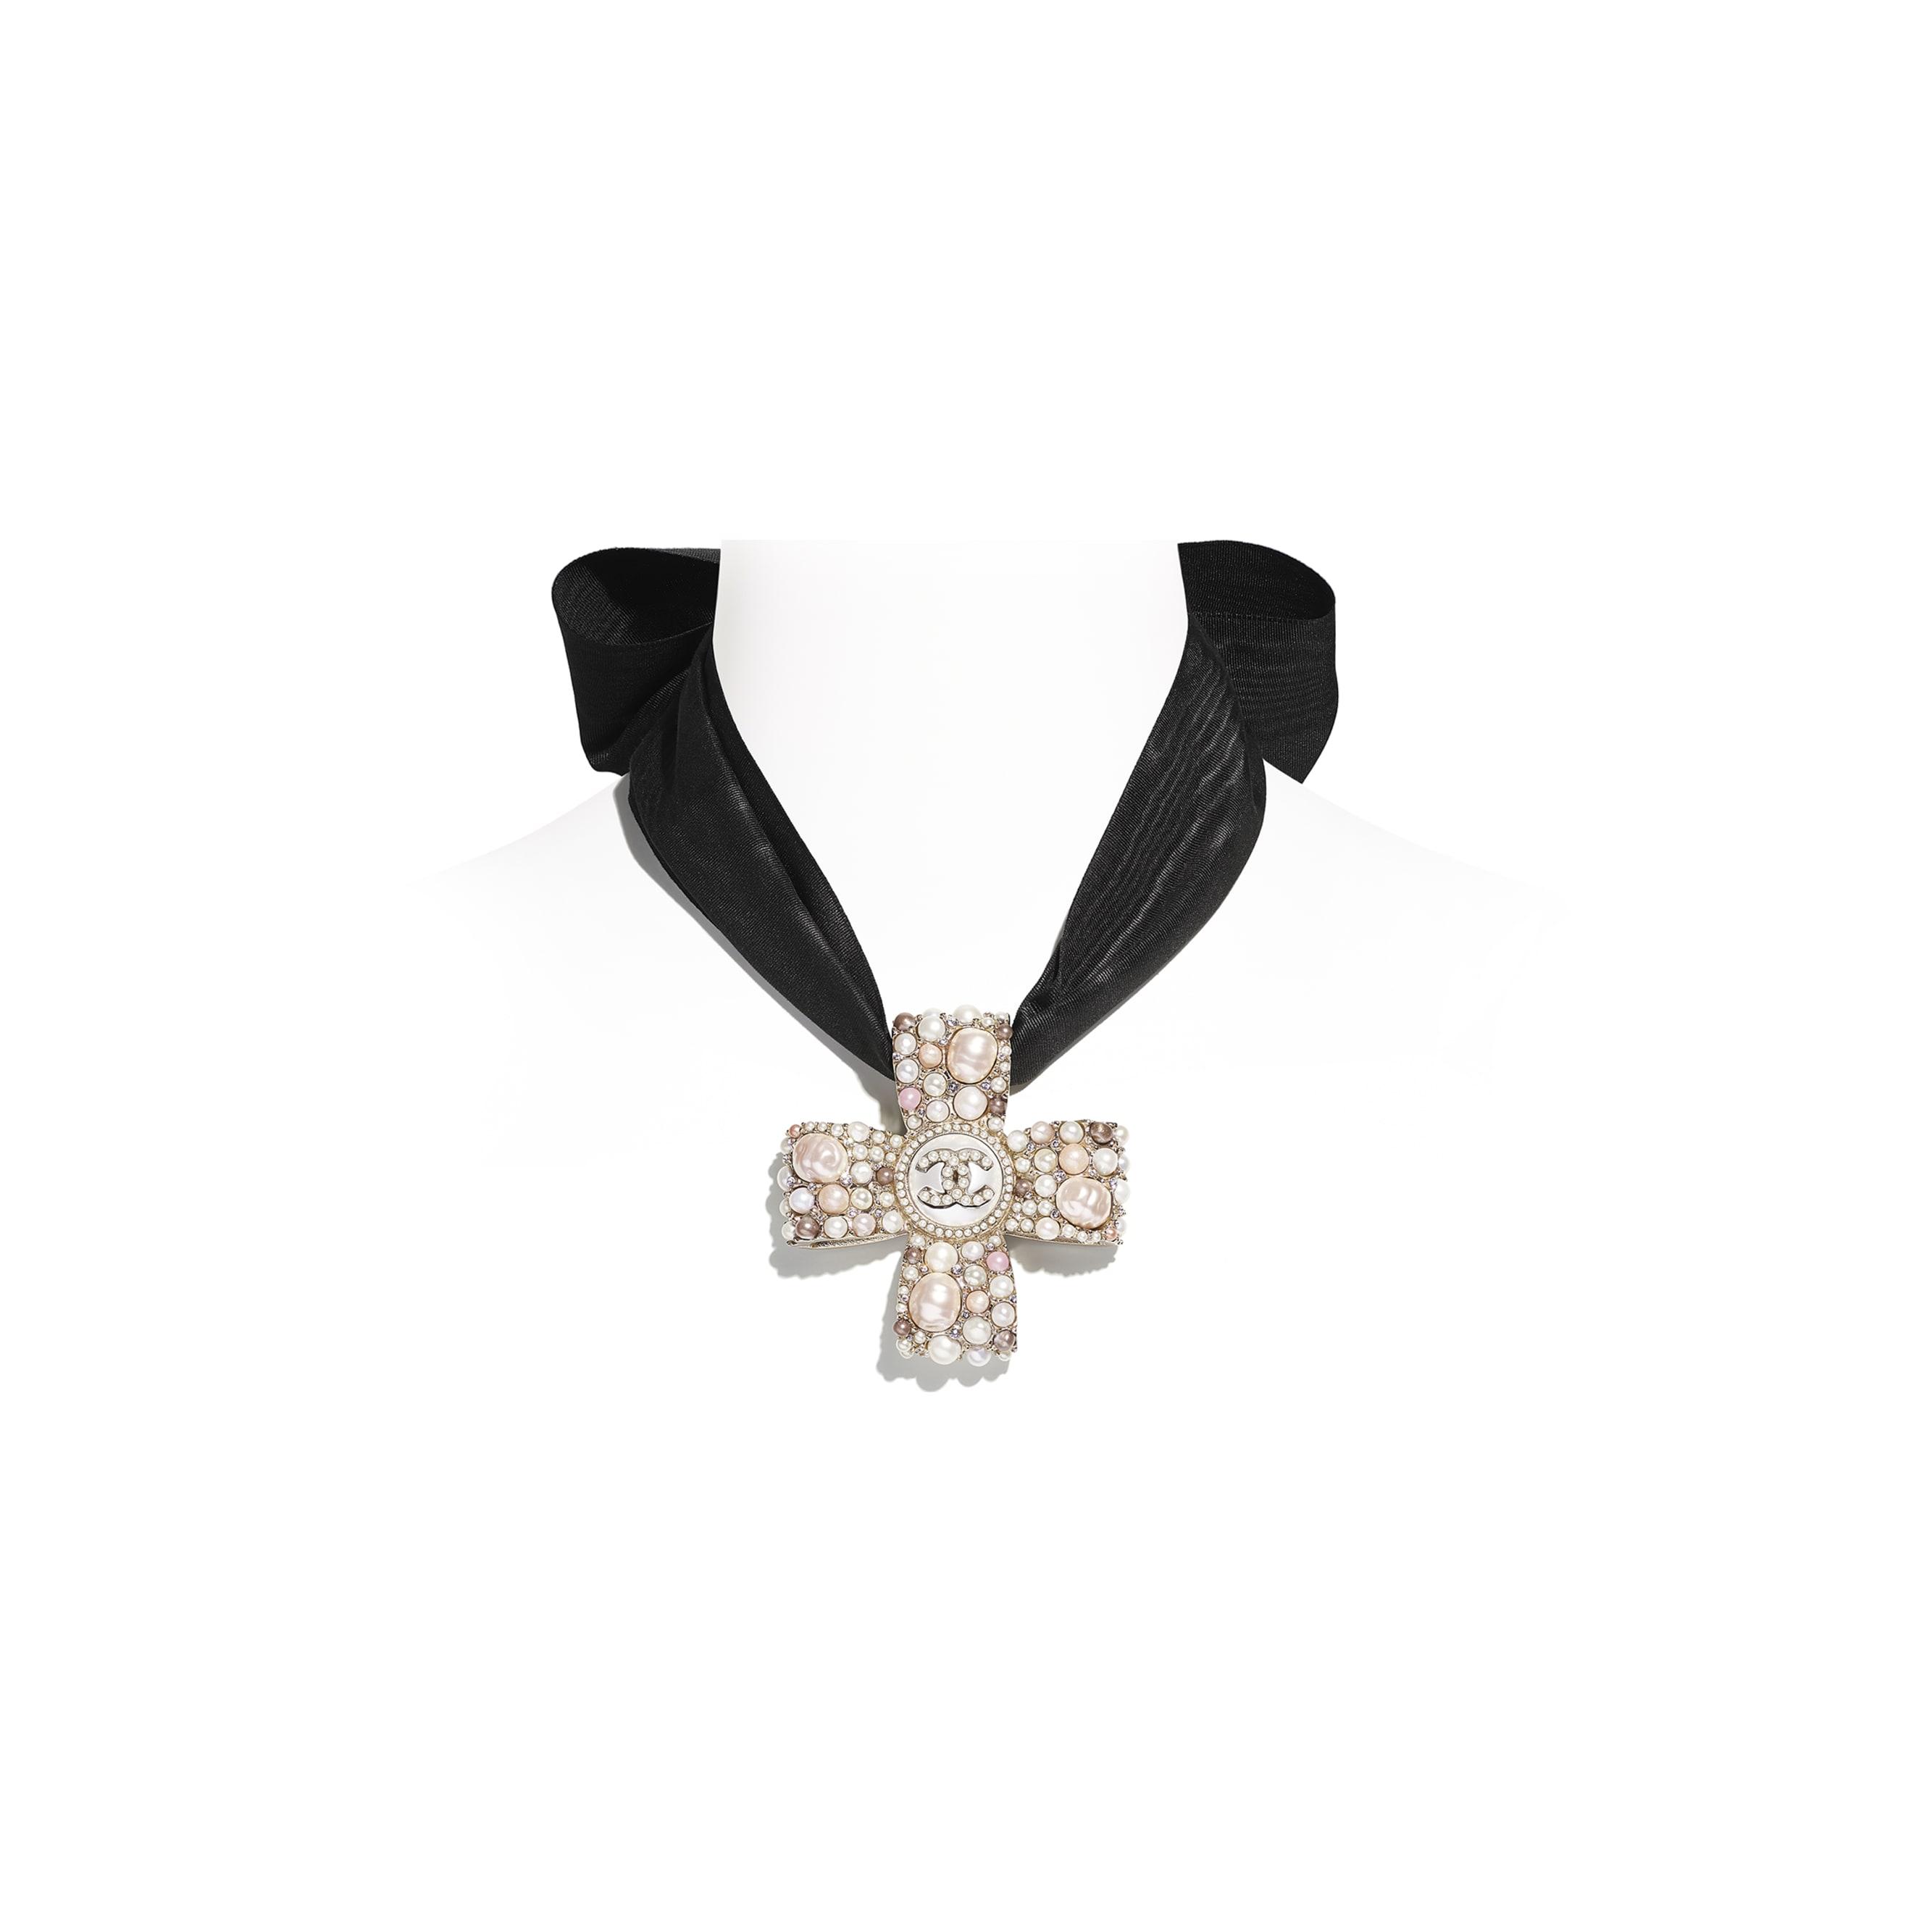 項鏈 - 金、珍珠白、粉紅、水晶 & 黑 - 金屬、淡水珍珠、琉璃珍珠、幻象珍珠、水鑽 & 真絲 - CHANEL - 預設視圖 - 查看標準尺寸版本